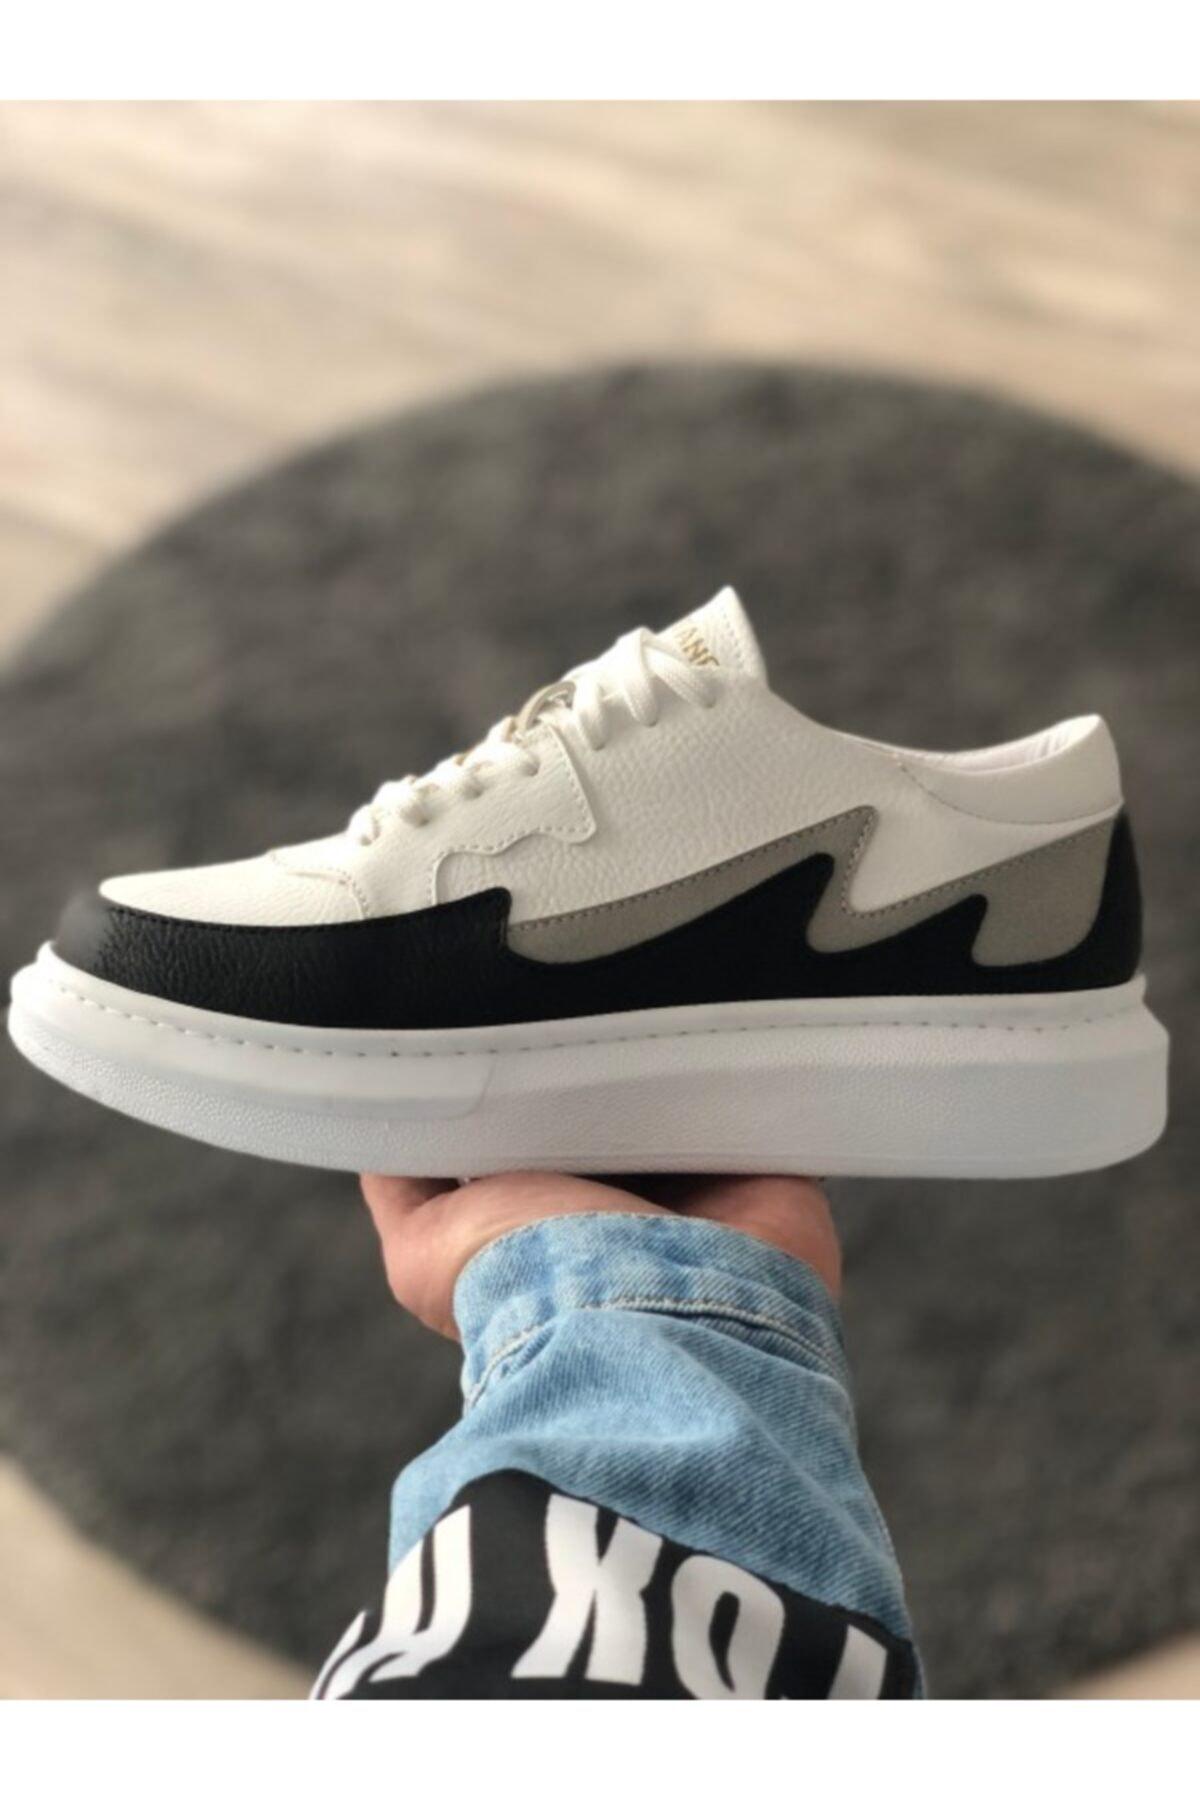 DE PLEIN Capitano Sneaker Beyaz-Siyah Erkek Ayakkabı 2